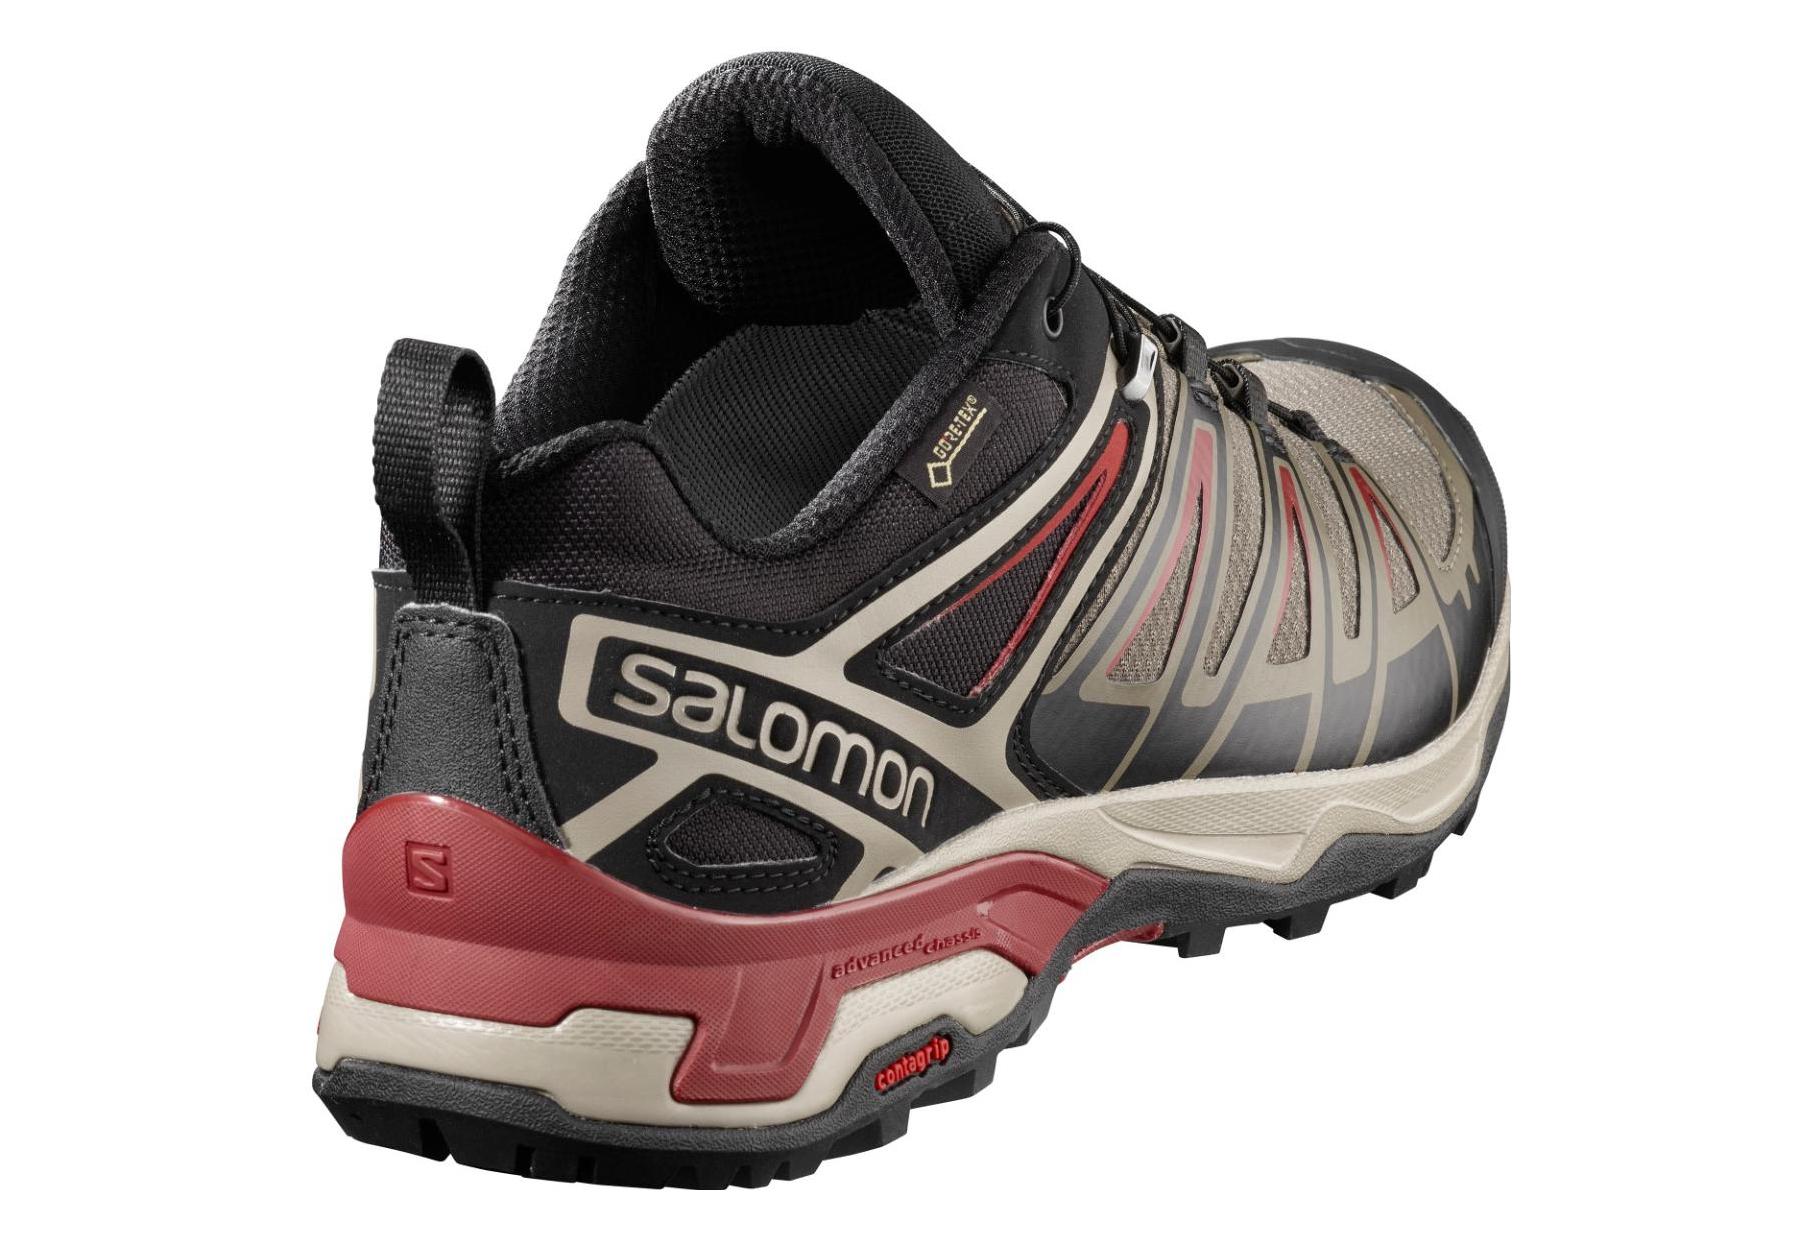 salomon x ultra 3 gtx forum sport uk 500